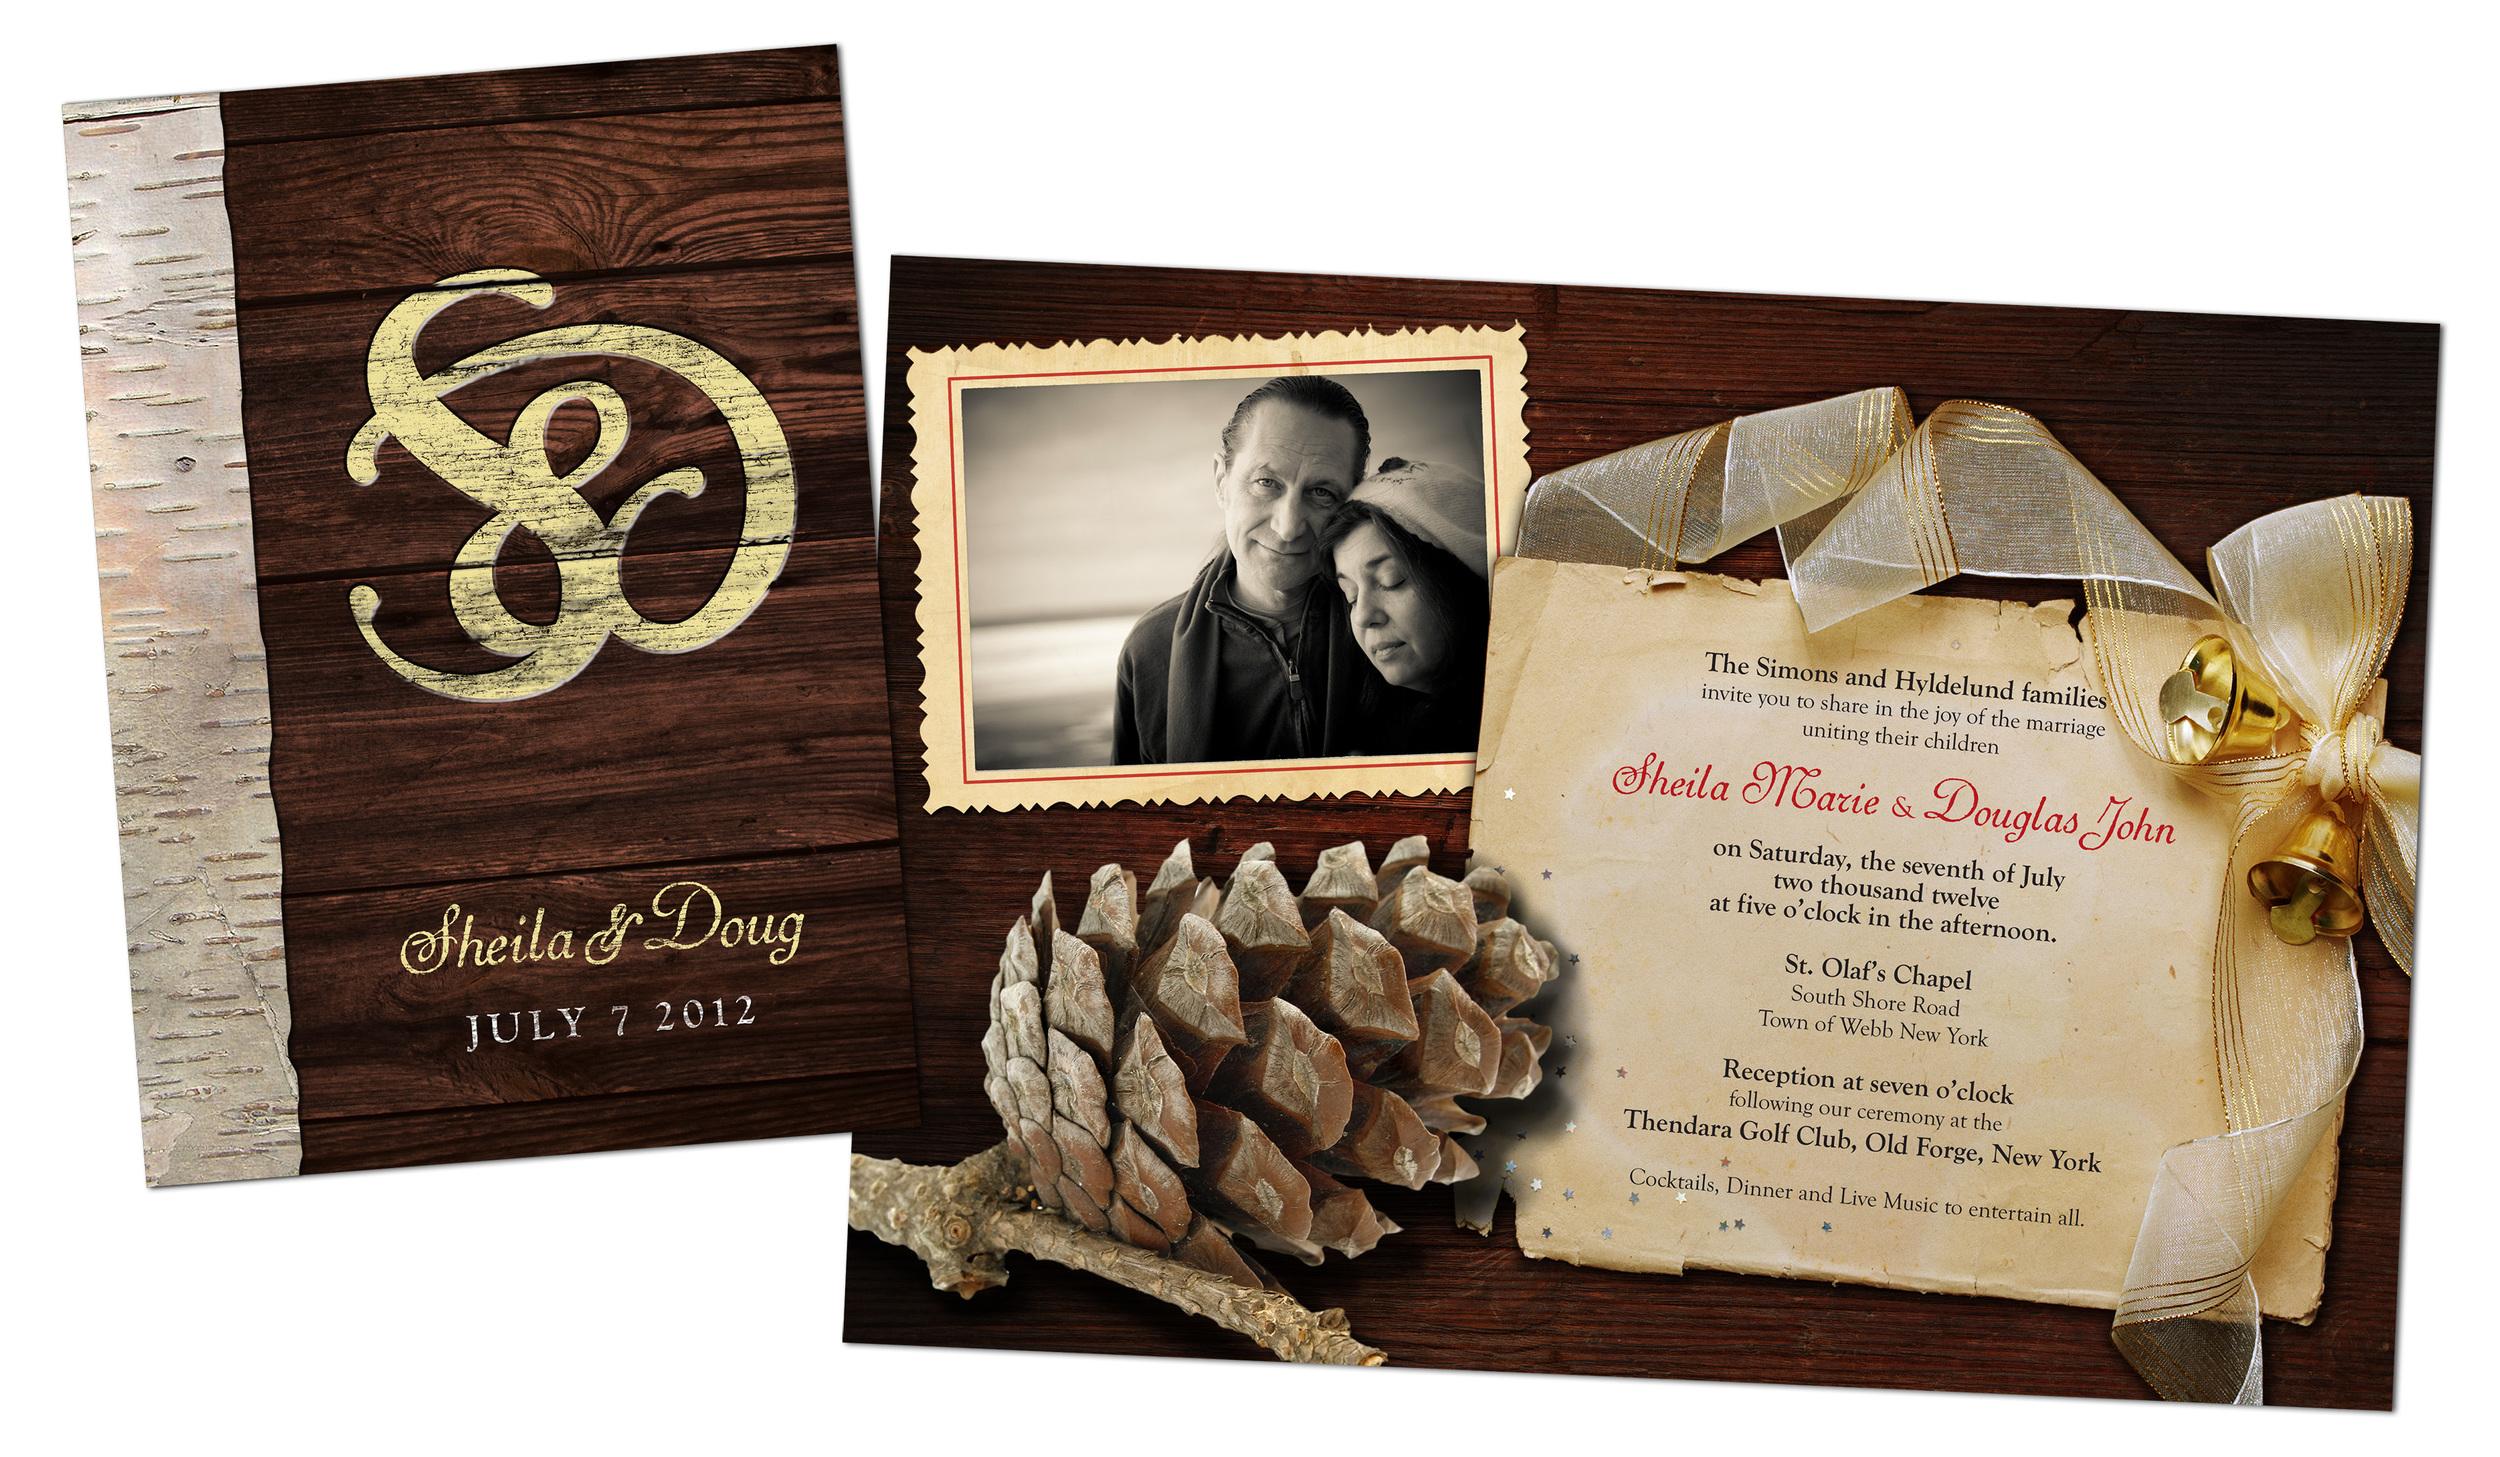 Wedding Invitation for Doug and Sheila Hyldelund.